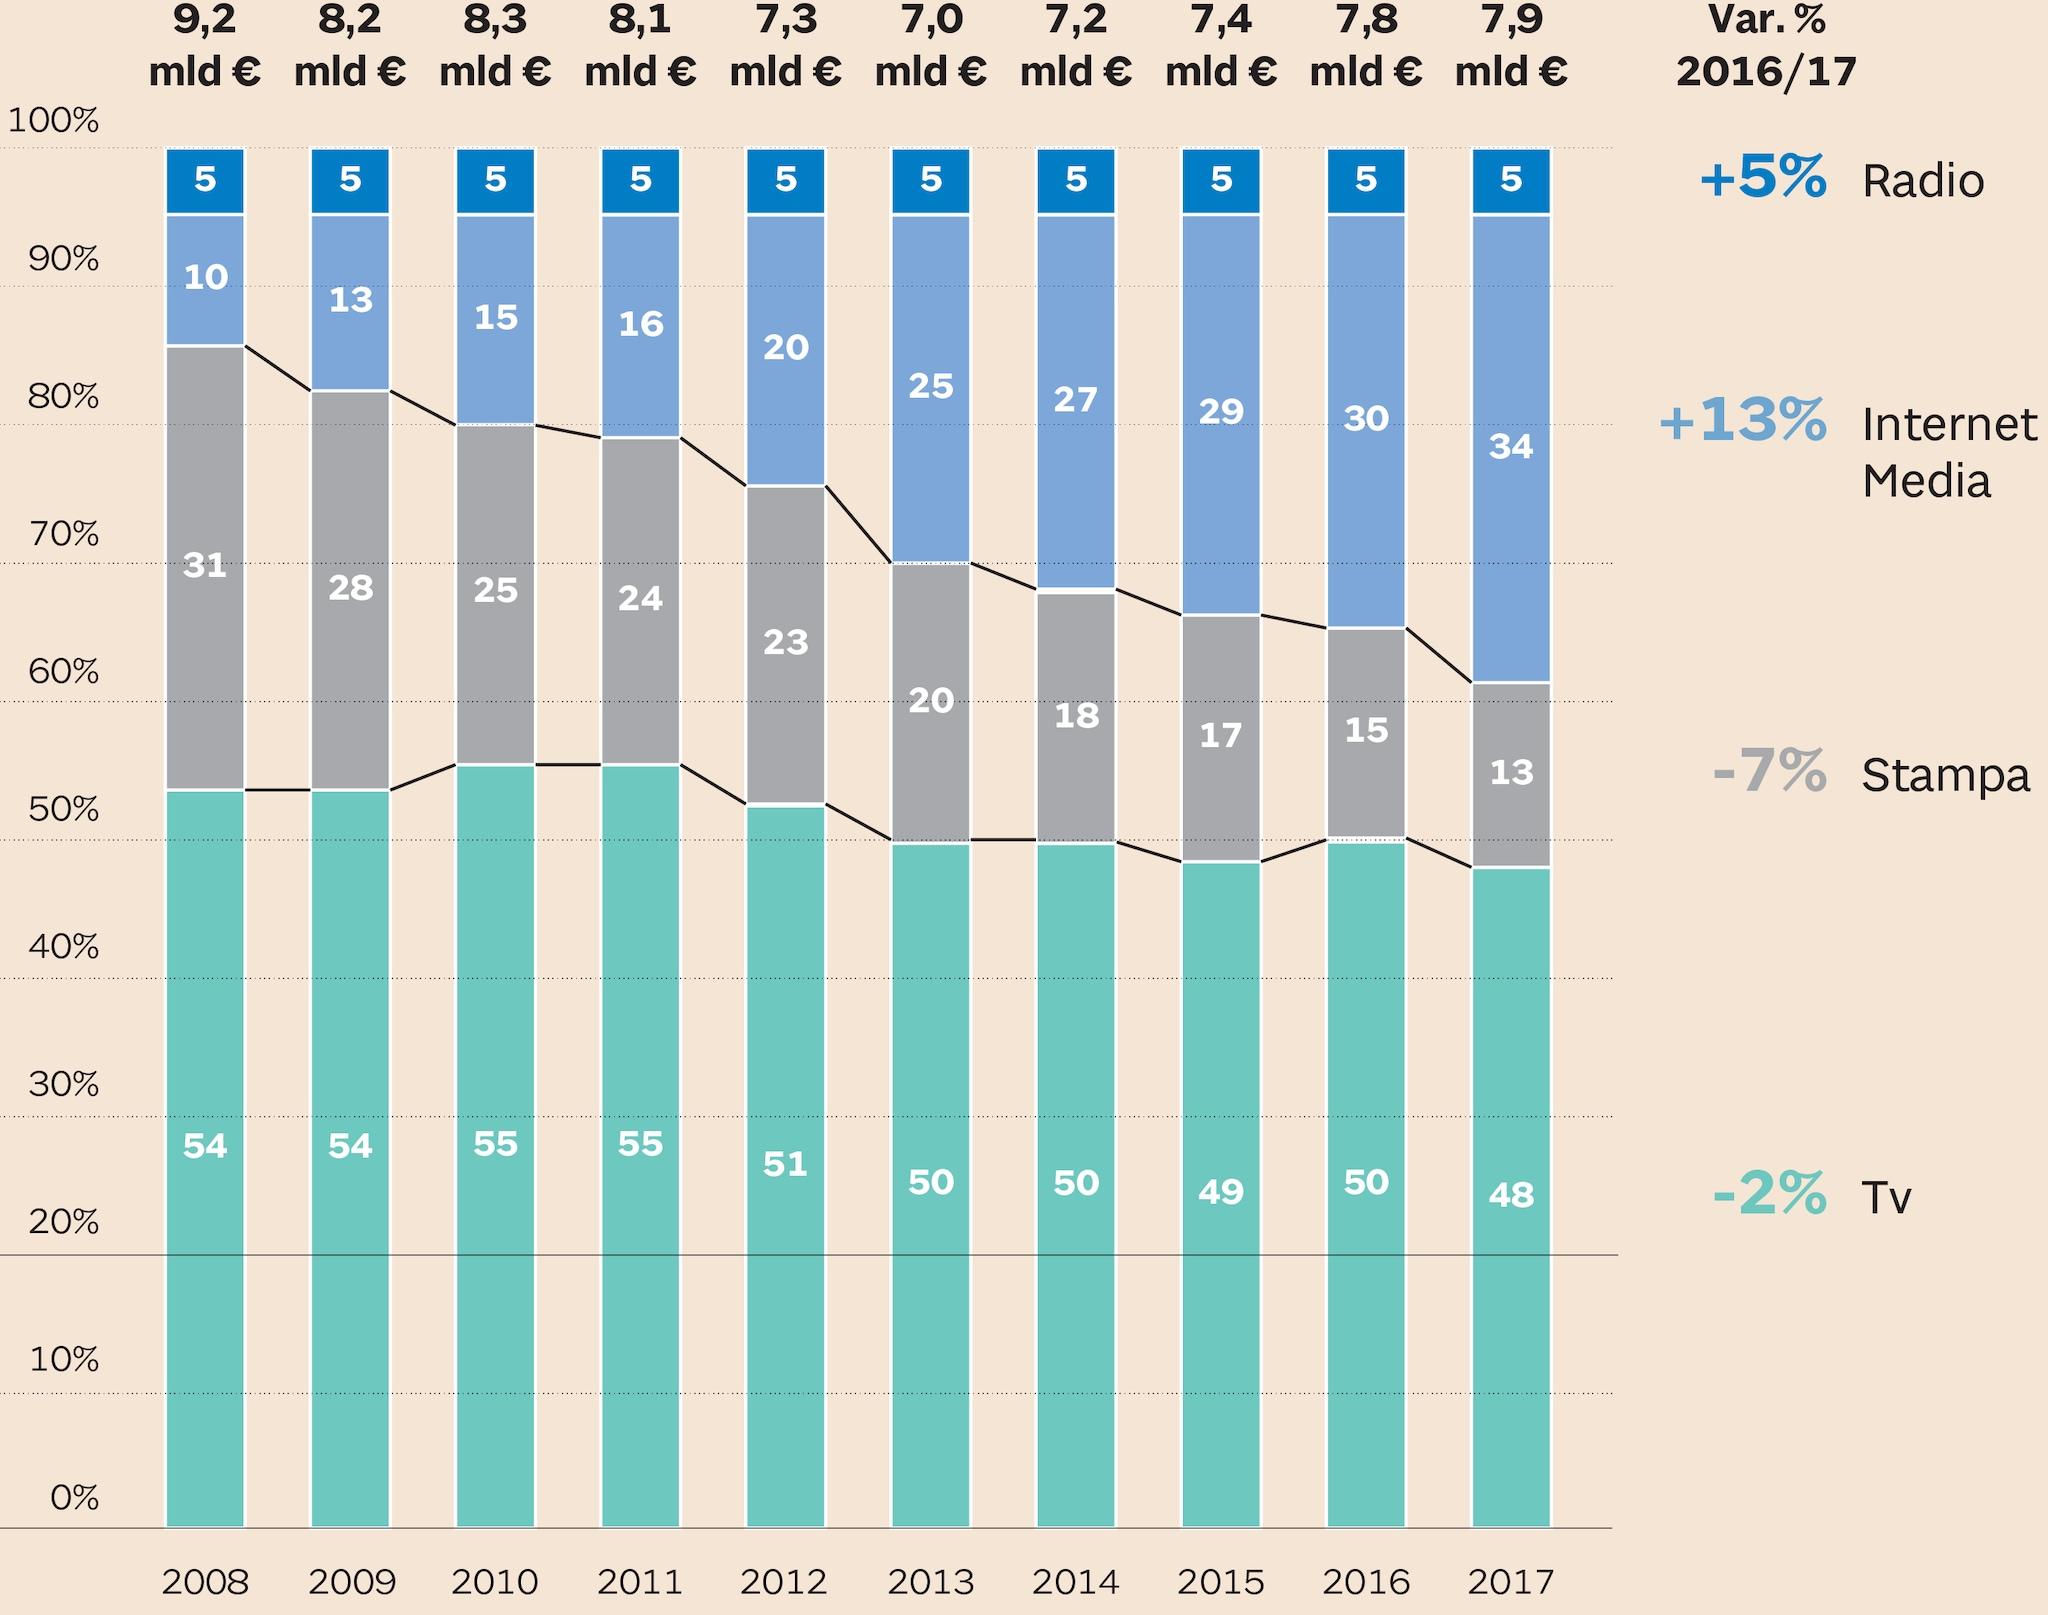 IL MERCATO PUBBLICITARIO ITALIANO DAL 2008 AL 2017